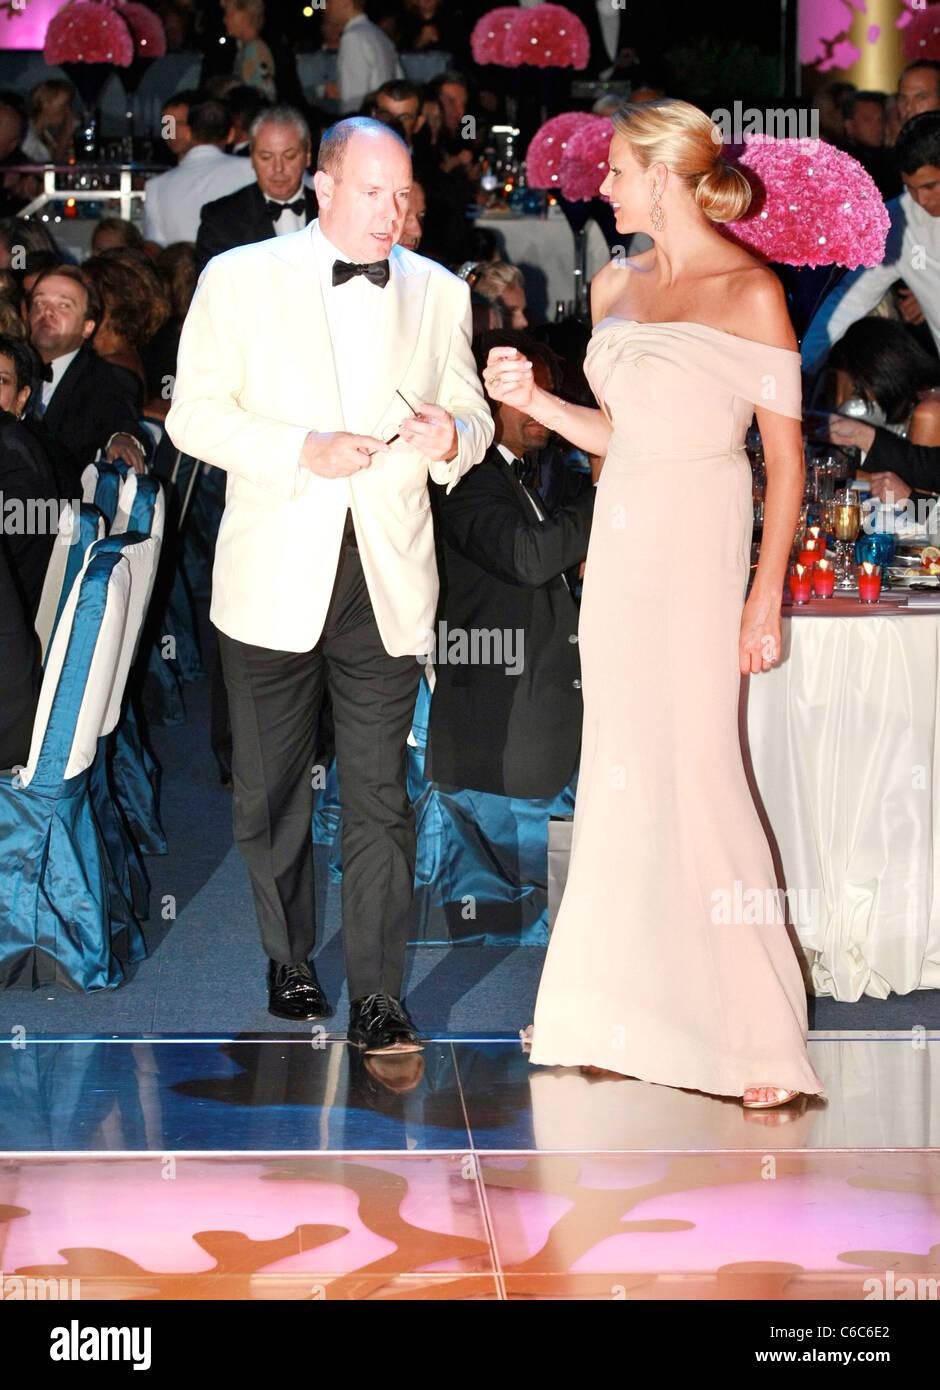 c63d4c83817 S.a.s. le Prince Albert II de Monaco et Charlene Wittstock 62e Bal de la  Croix Rouge